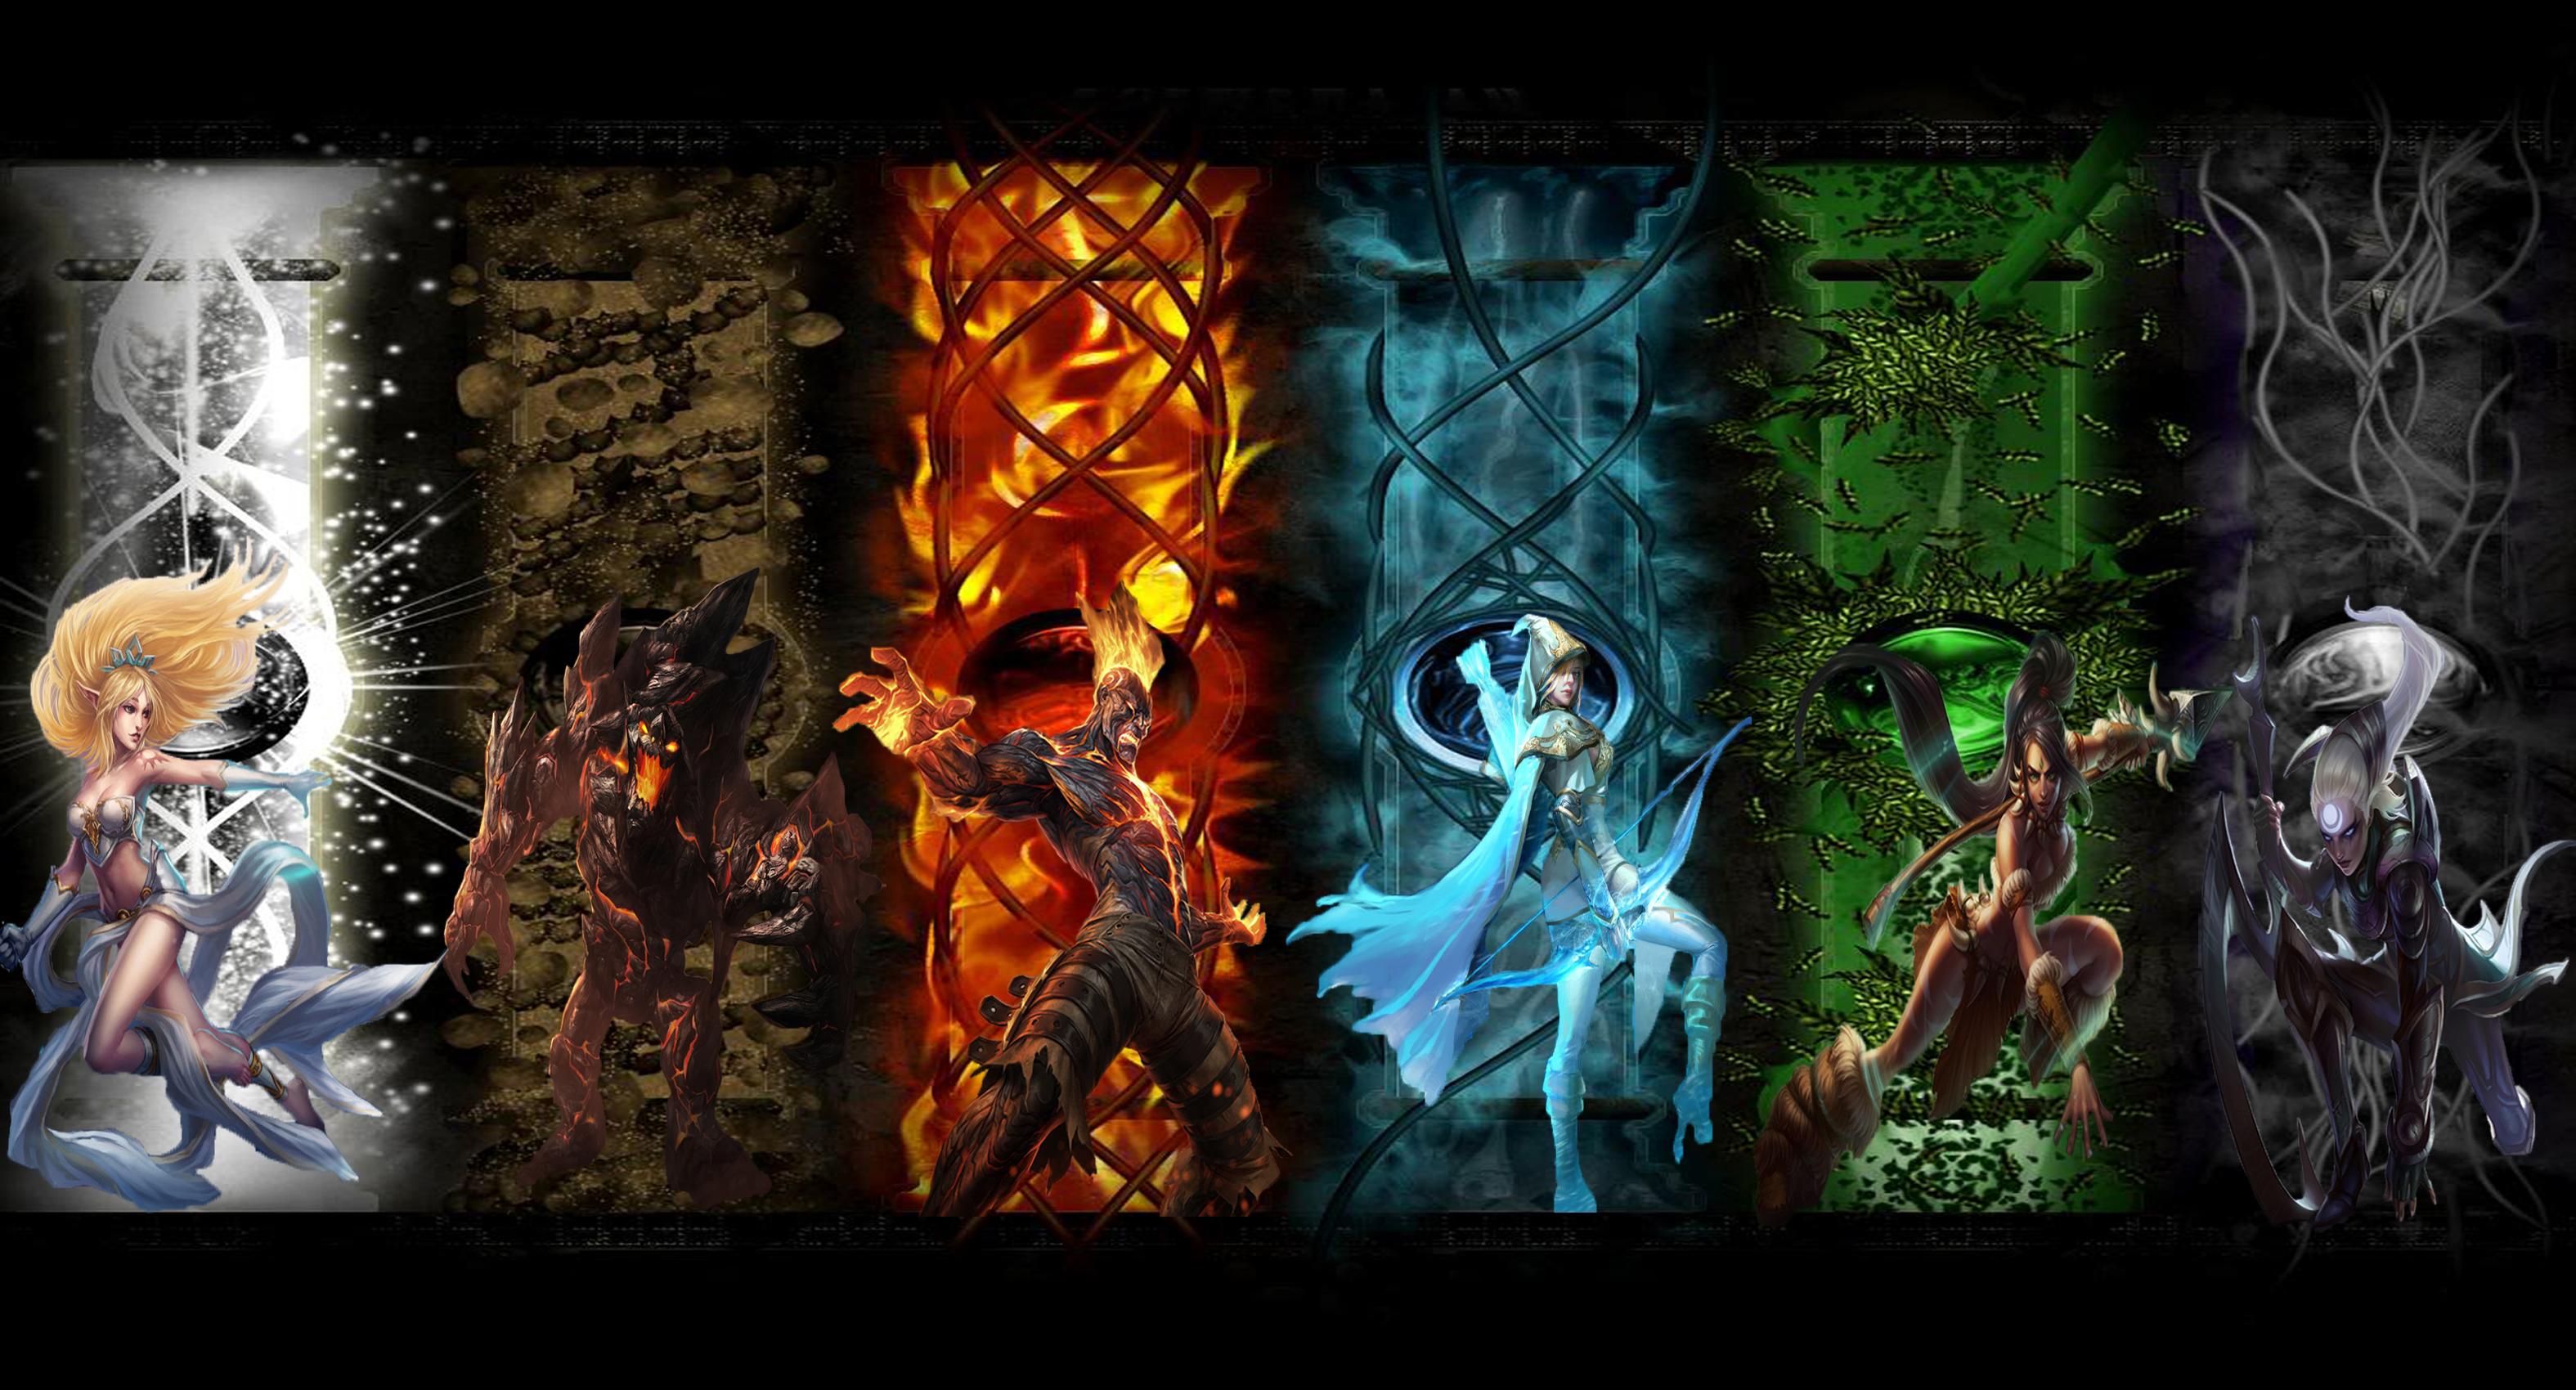 League of Legends Phone Wallpapers - WallpaperSafari